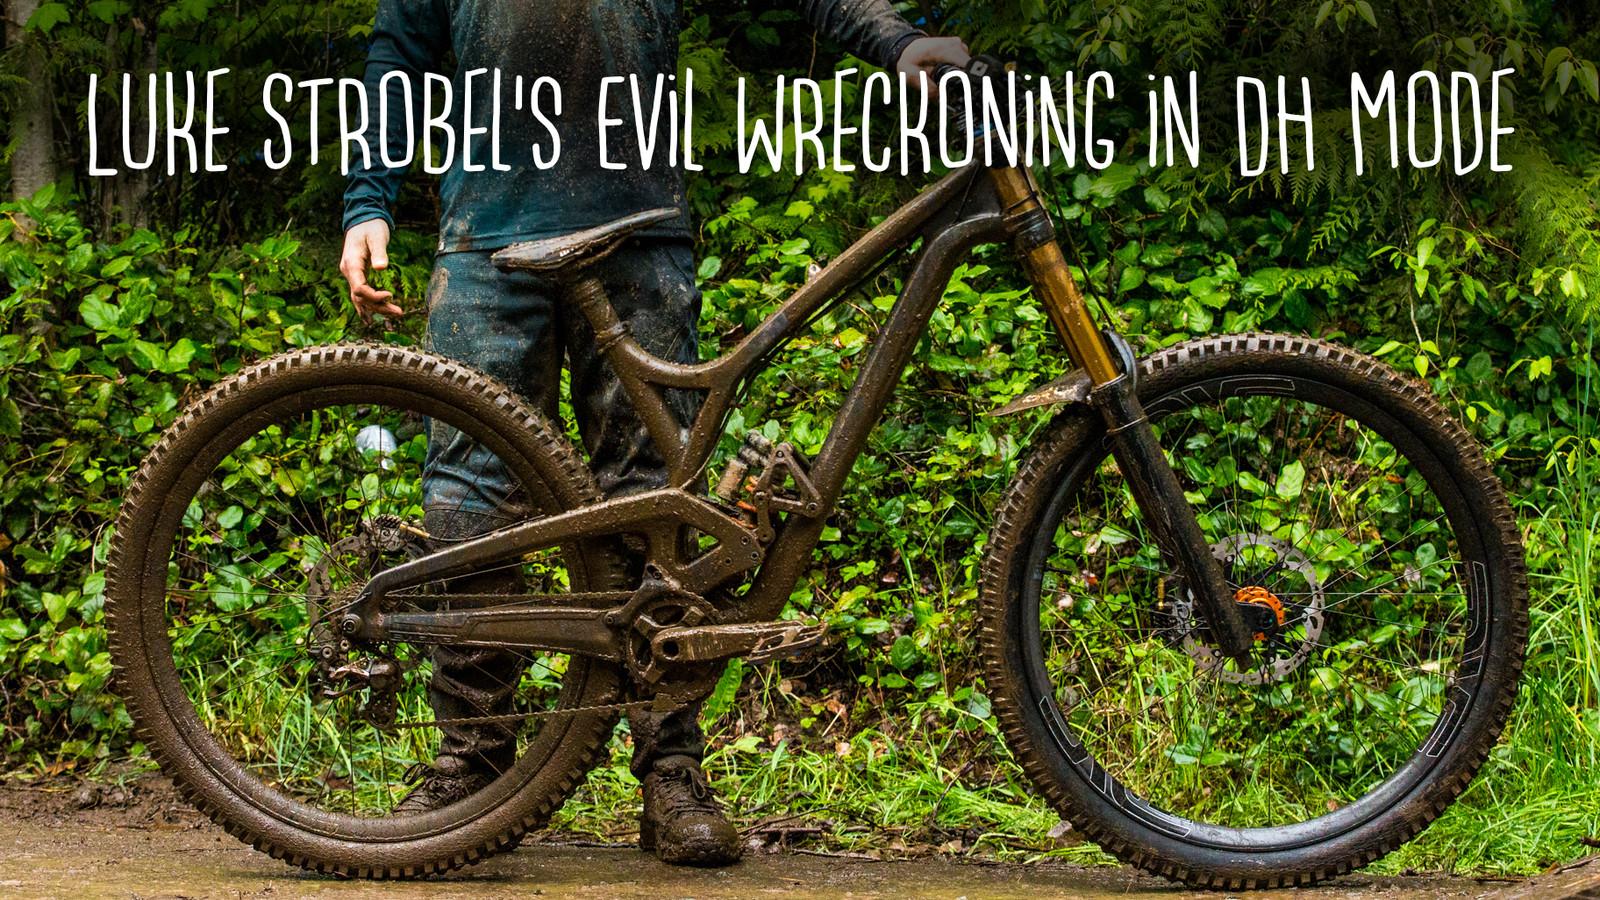 Luke Strobel's Evil Wreckoning